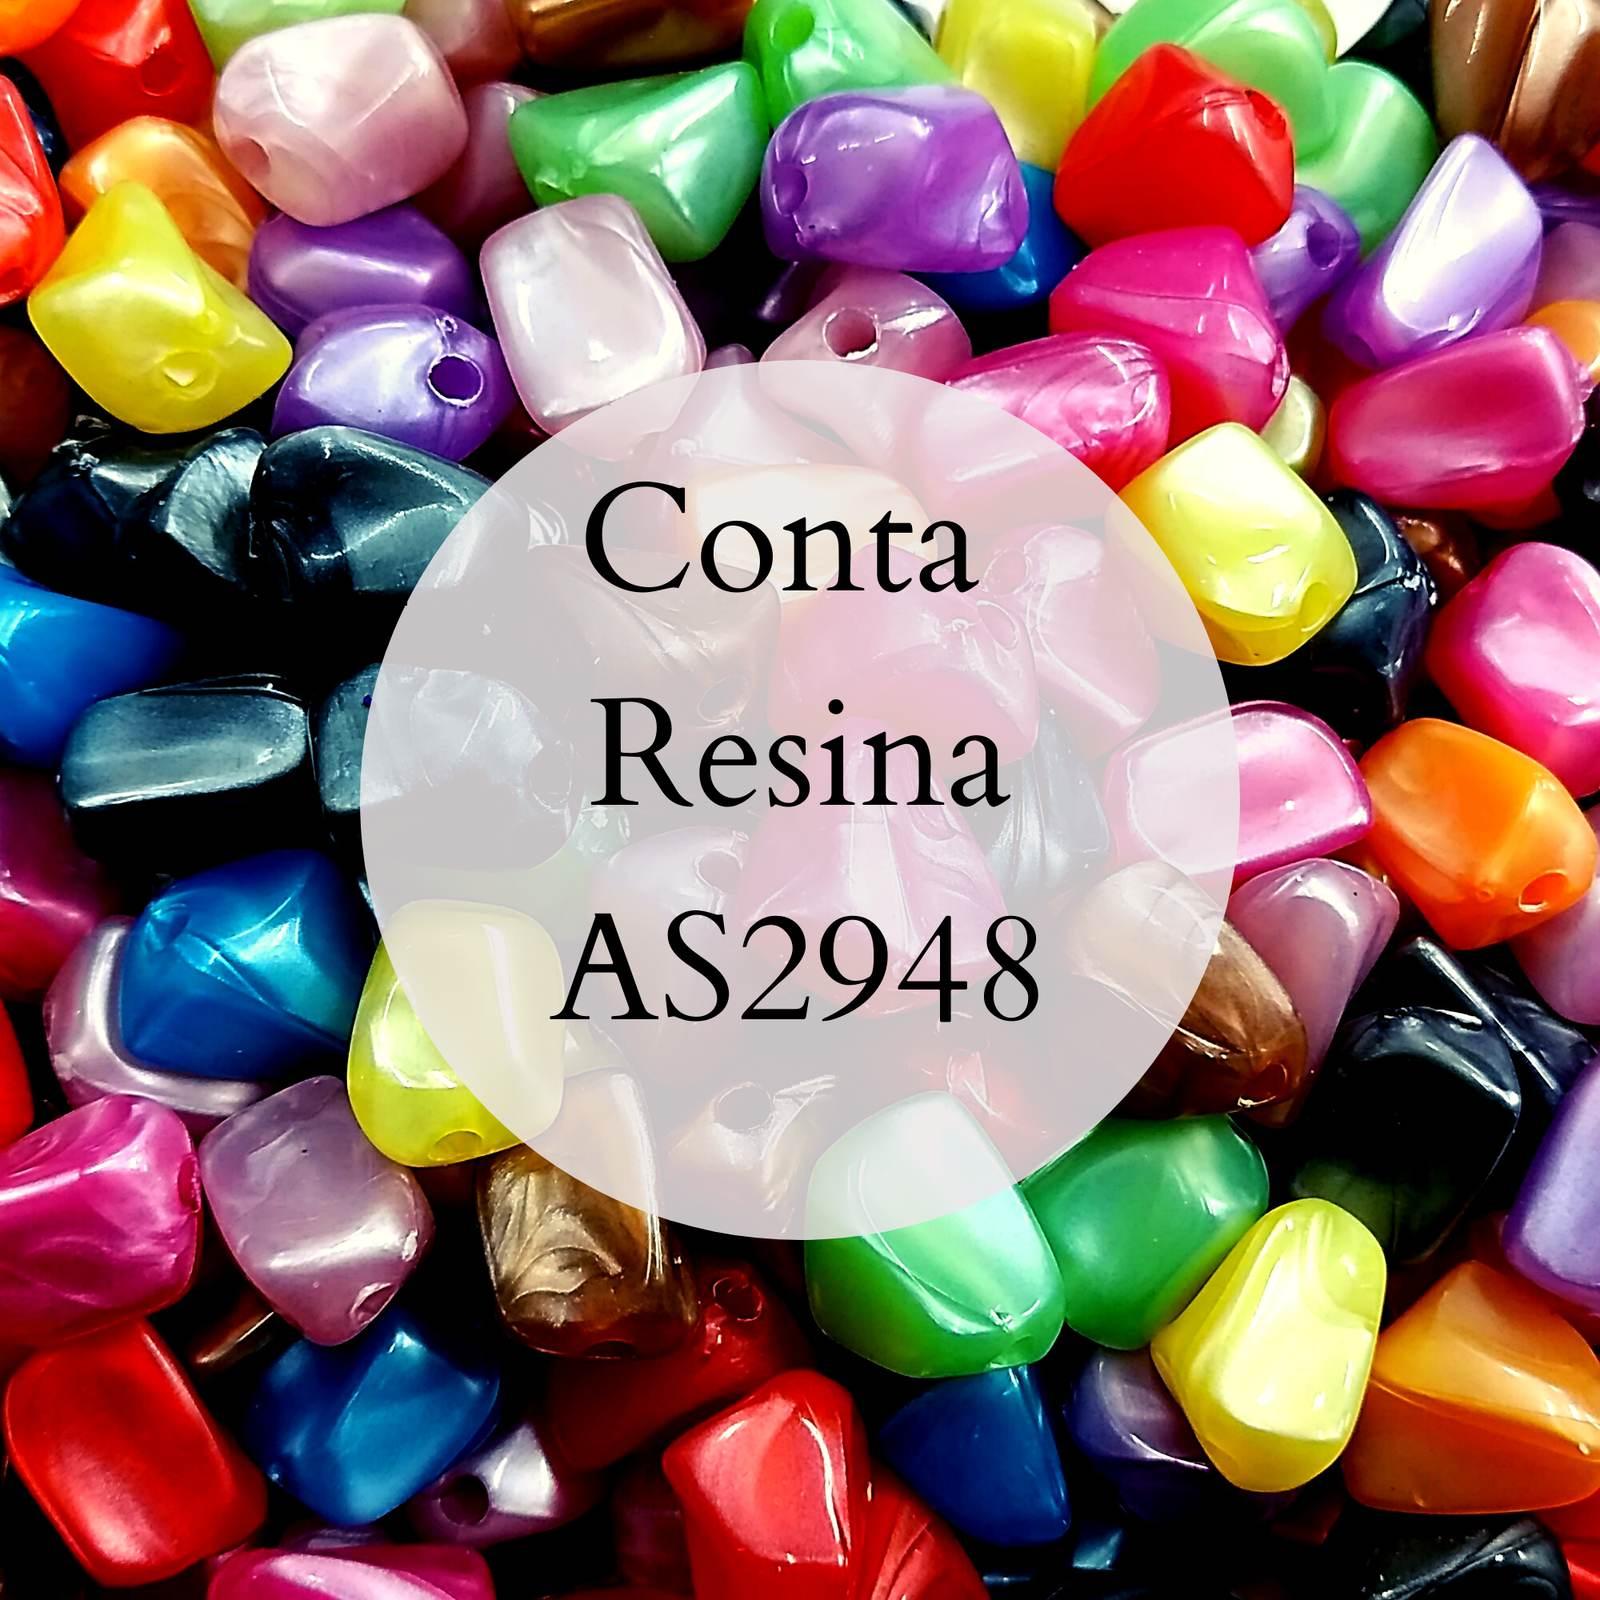 Conta Resina Perolada Leitosa 13mm AS2948